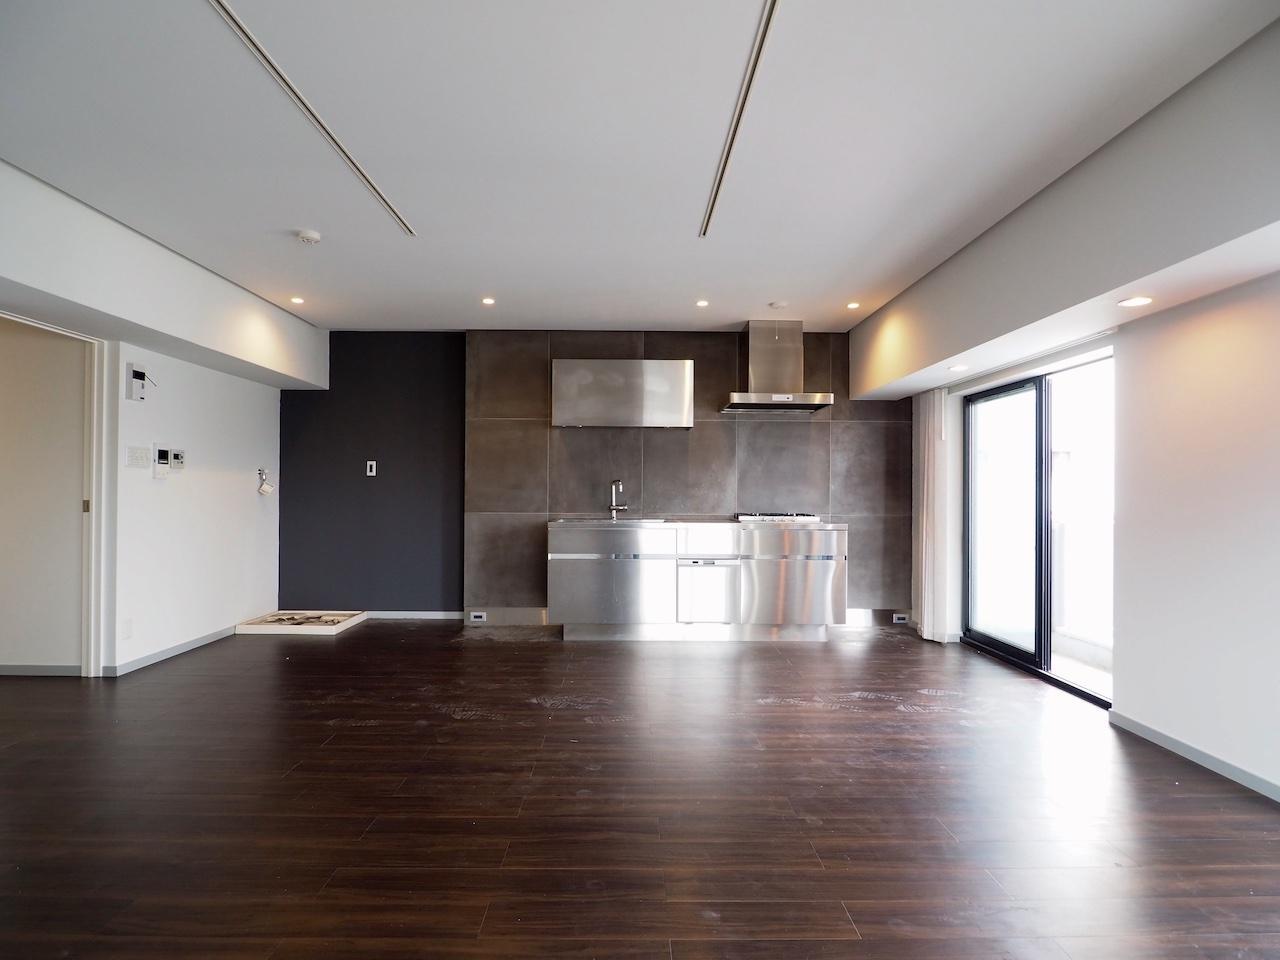 ステンレスのキッチンと黒のタイルがアクセントに。